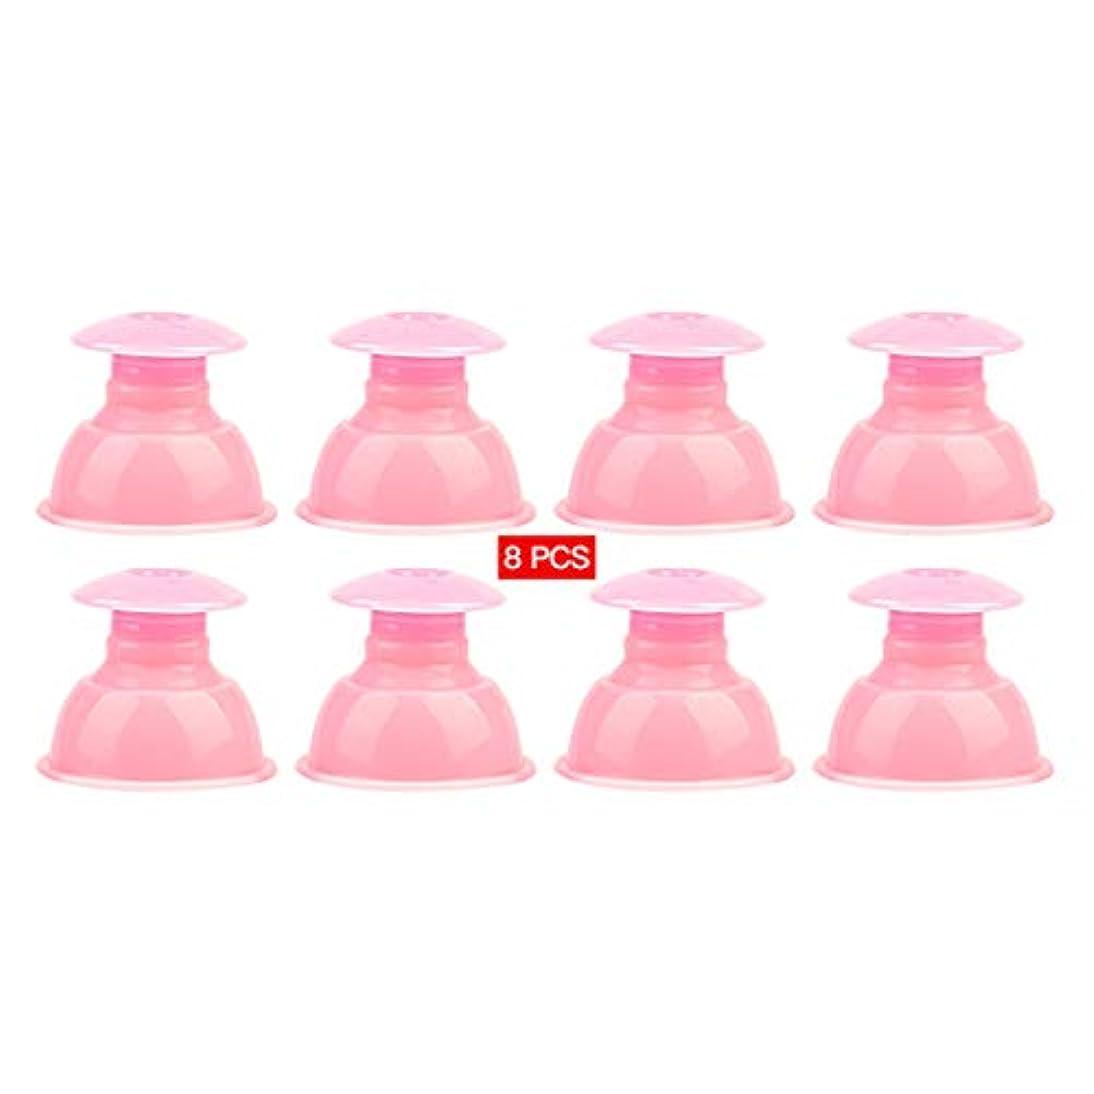 祭り球状記述する吸い玉 カッピング シリコン製 水洗いOK 繰り返し使える 55×35×48mm 8個セット ピンク